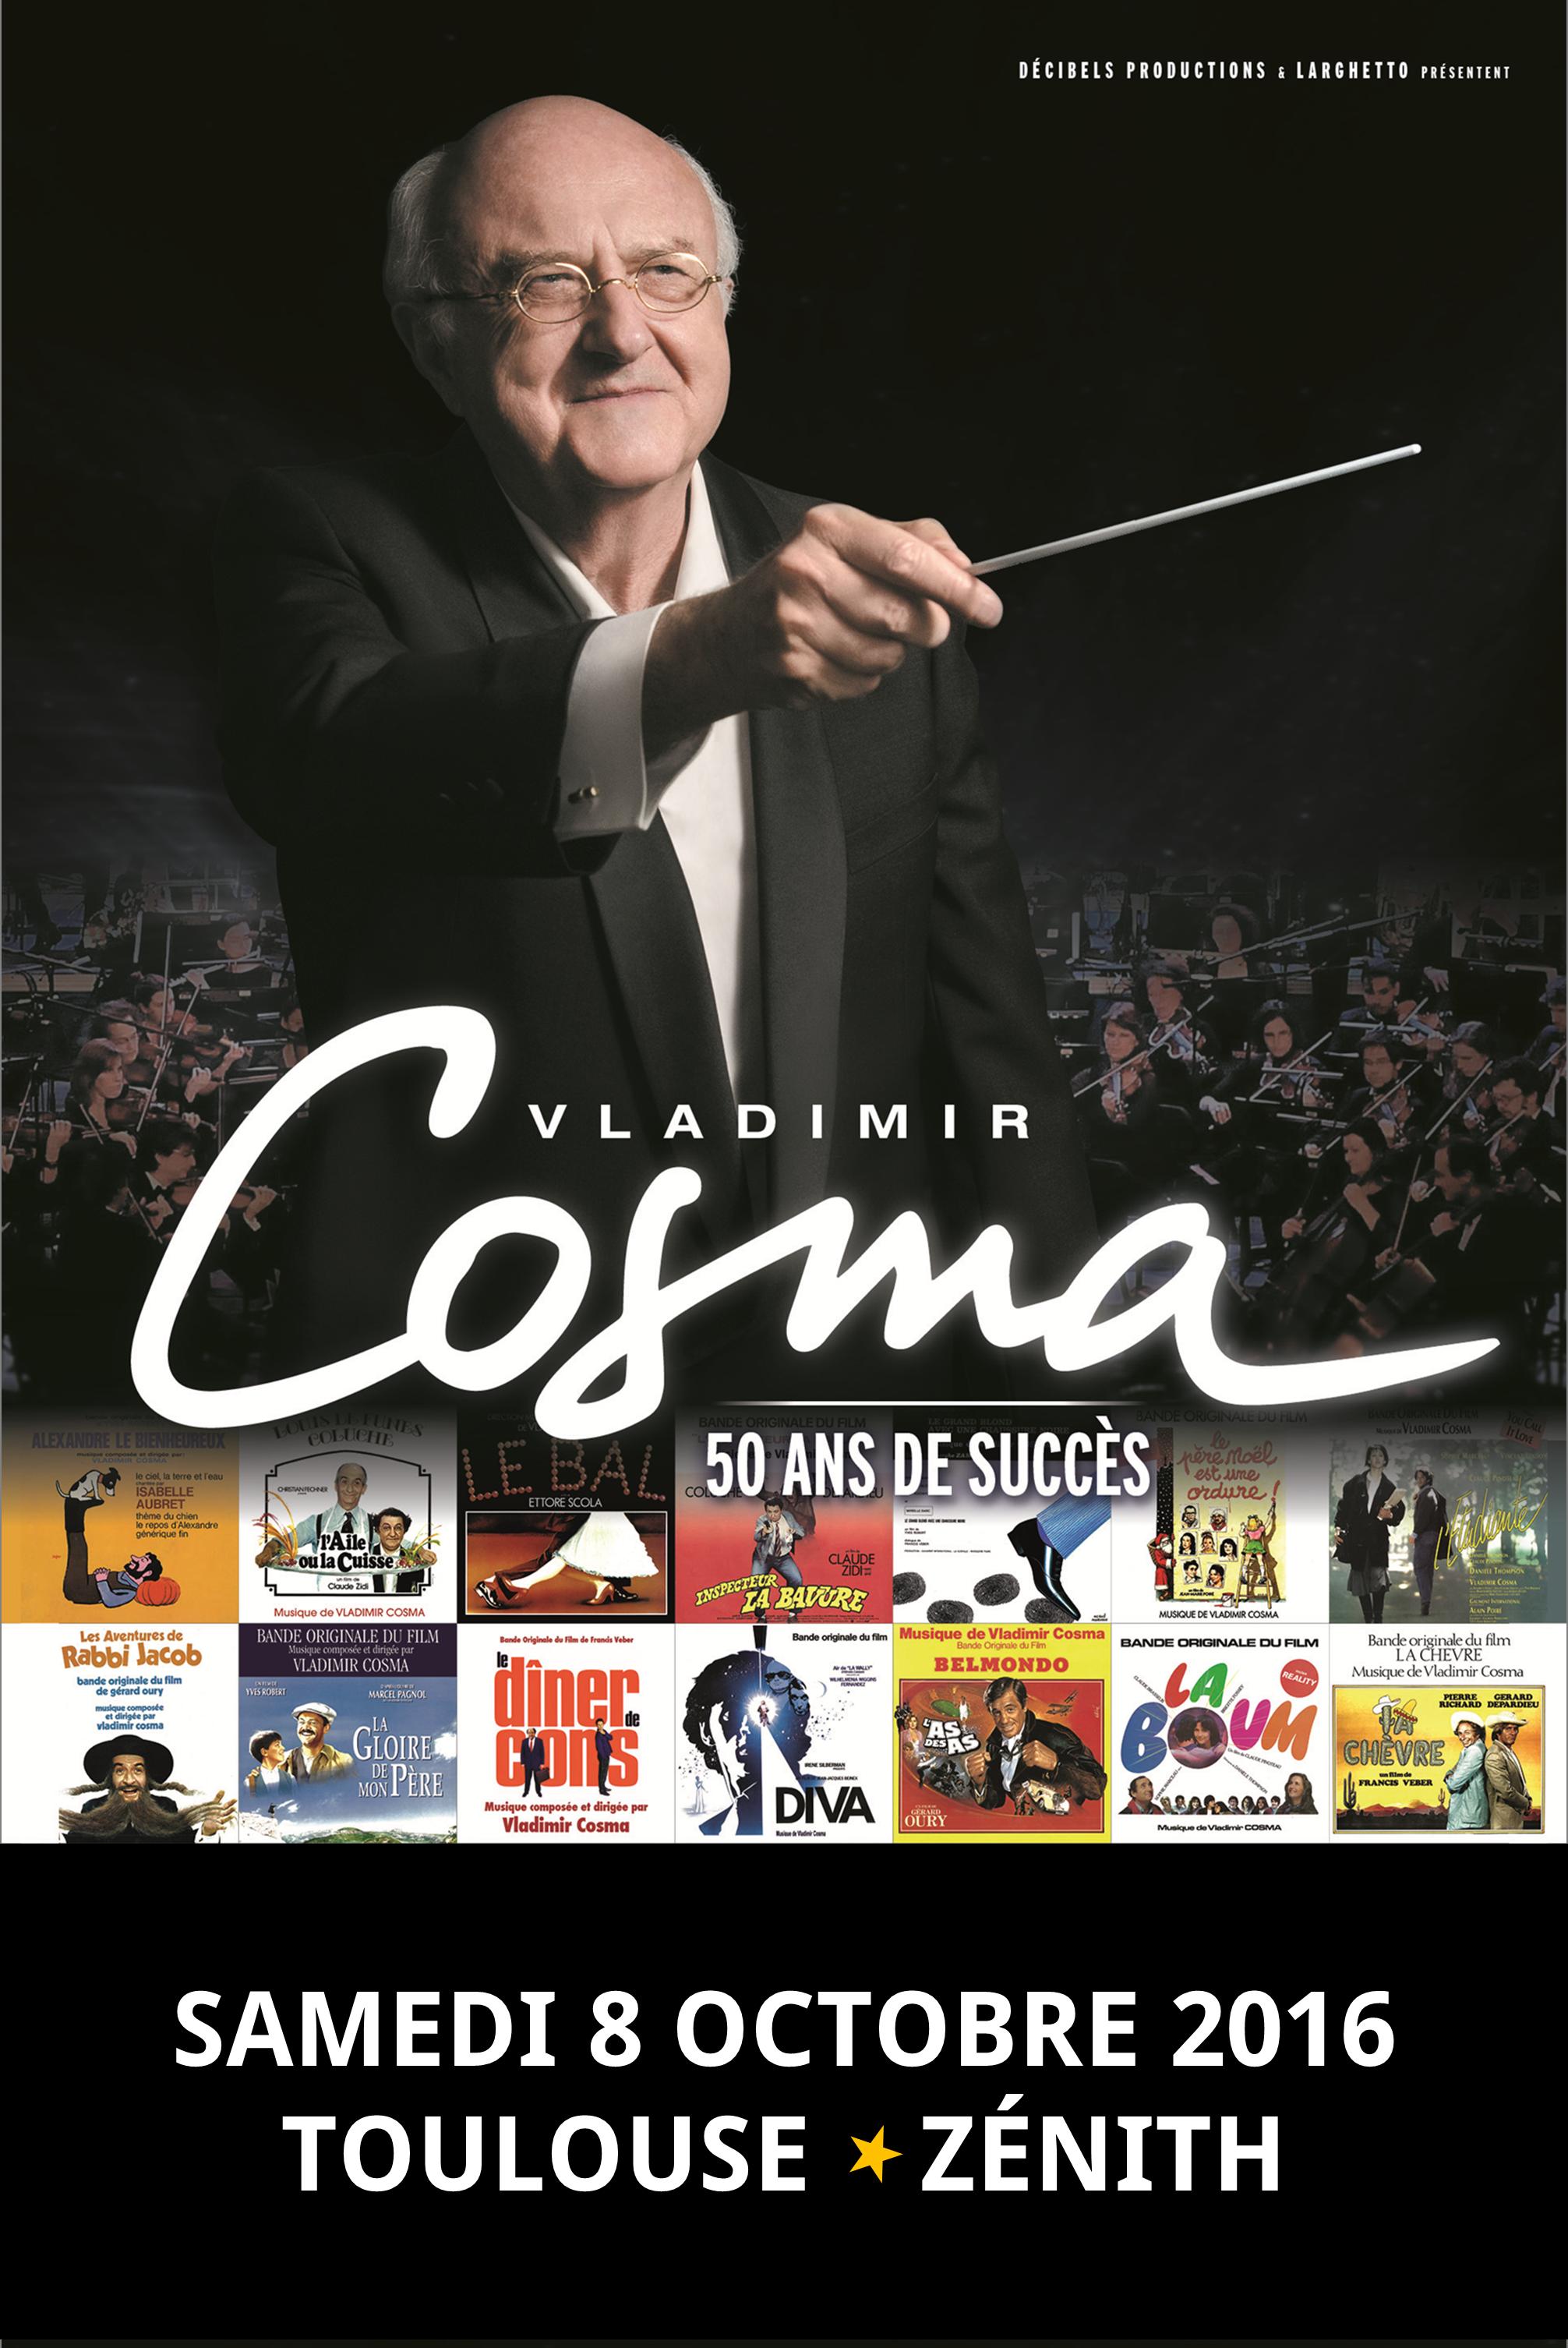 Vladimir Cosma Musique Pour Films Publicitaires Advertising Films Werbefilme